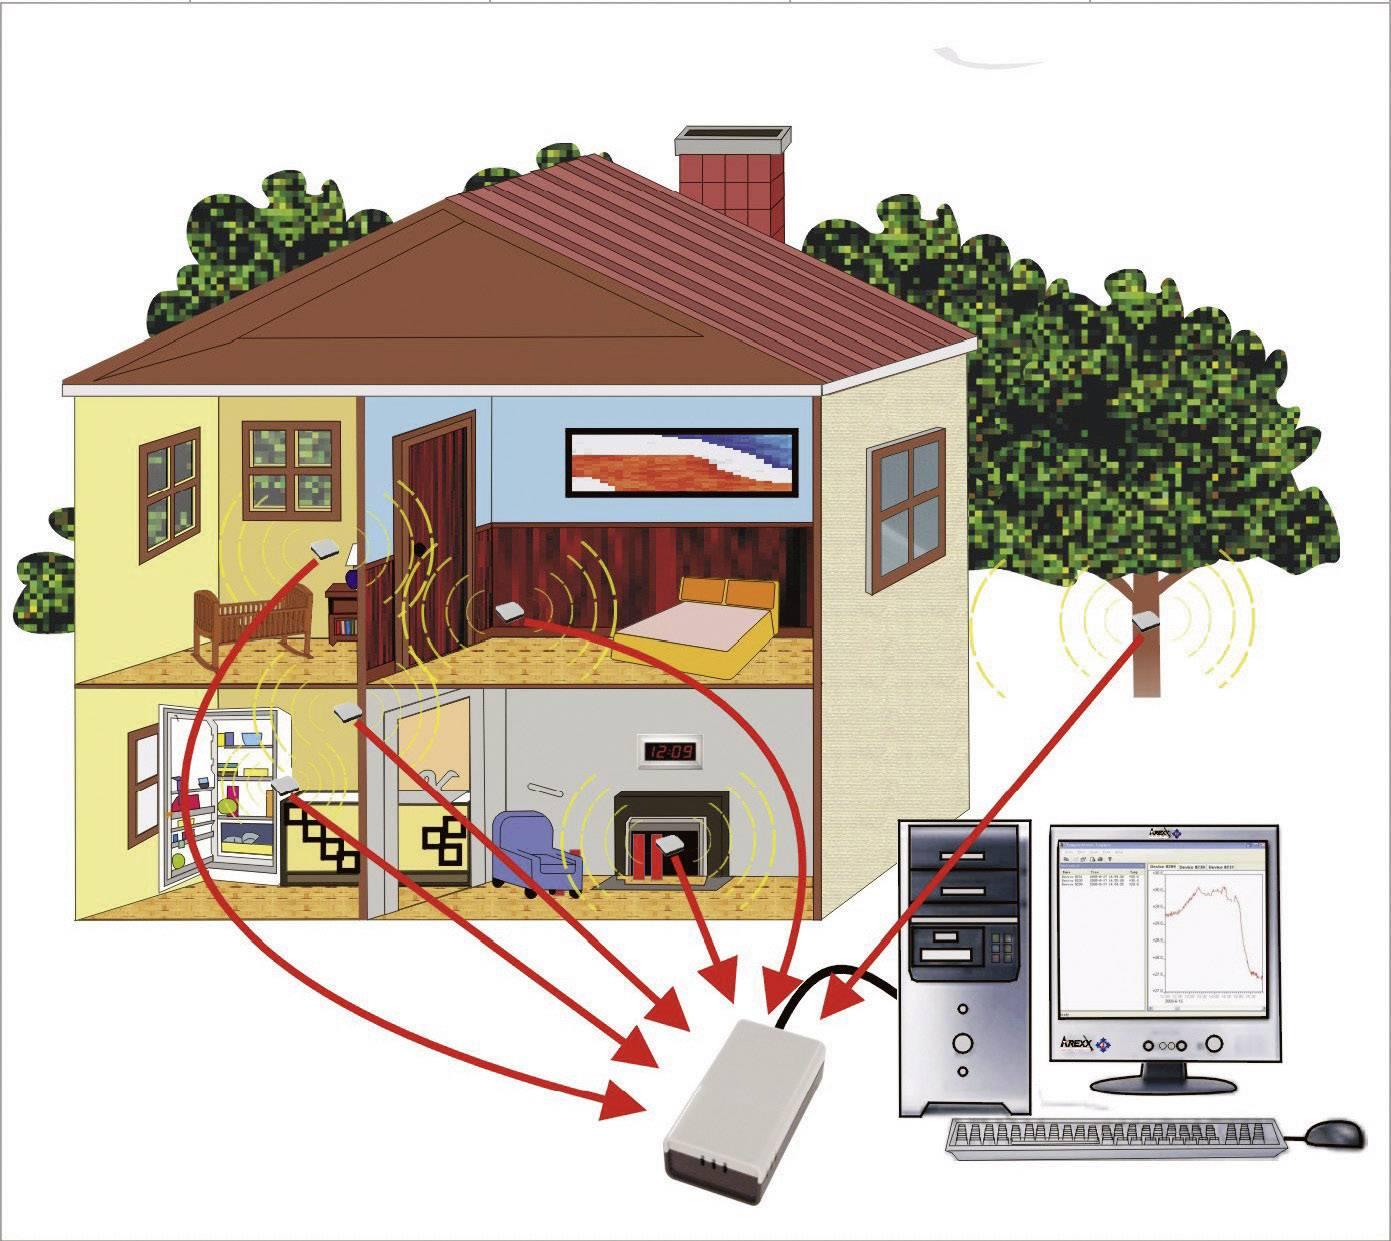 Systém bezdrôtového dataloggeru Arexx TL-500